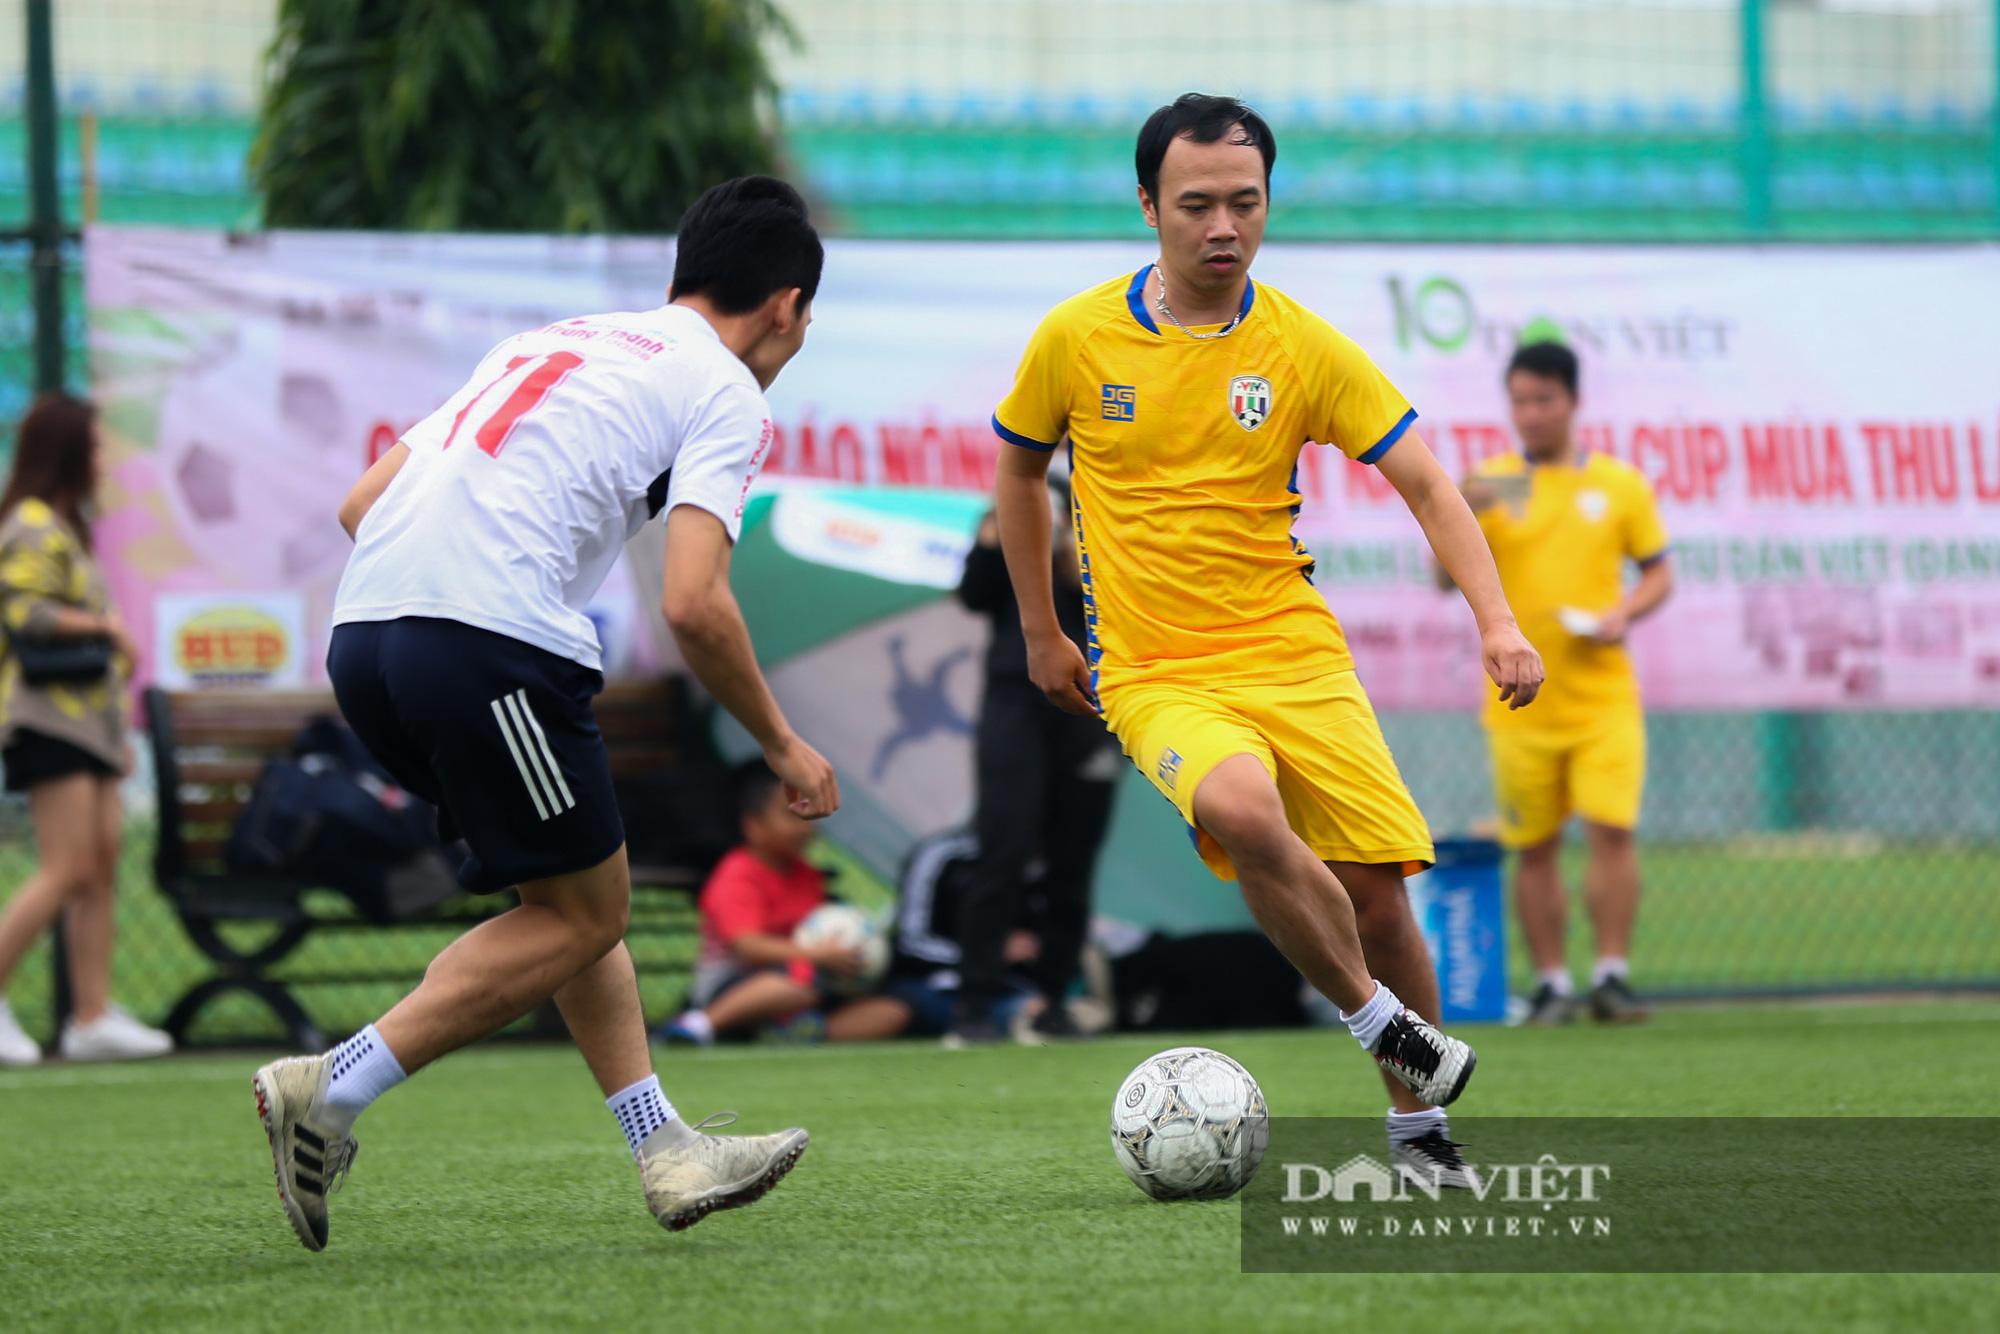 Khoảnh khắc lượt trận cuối cùng vòng bảng giải bóng đá báo NTNN/Dân Việt  - Ảnh 5.